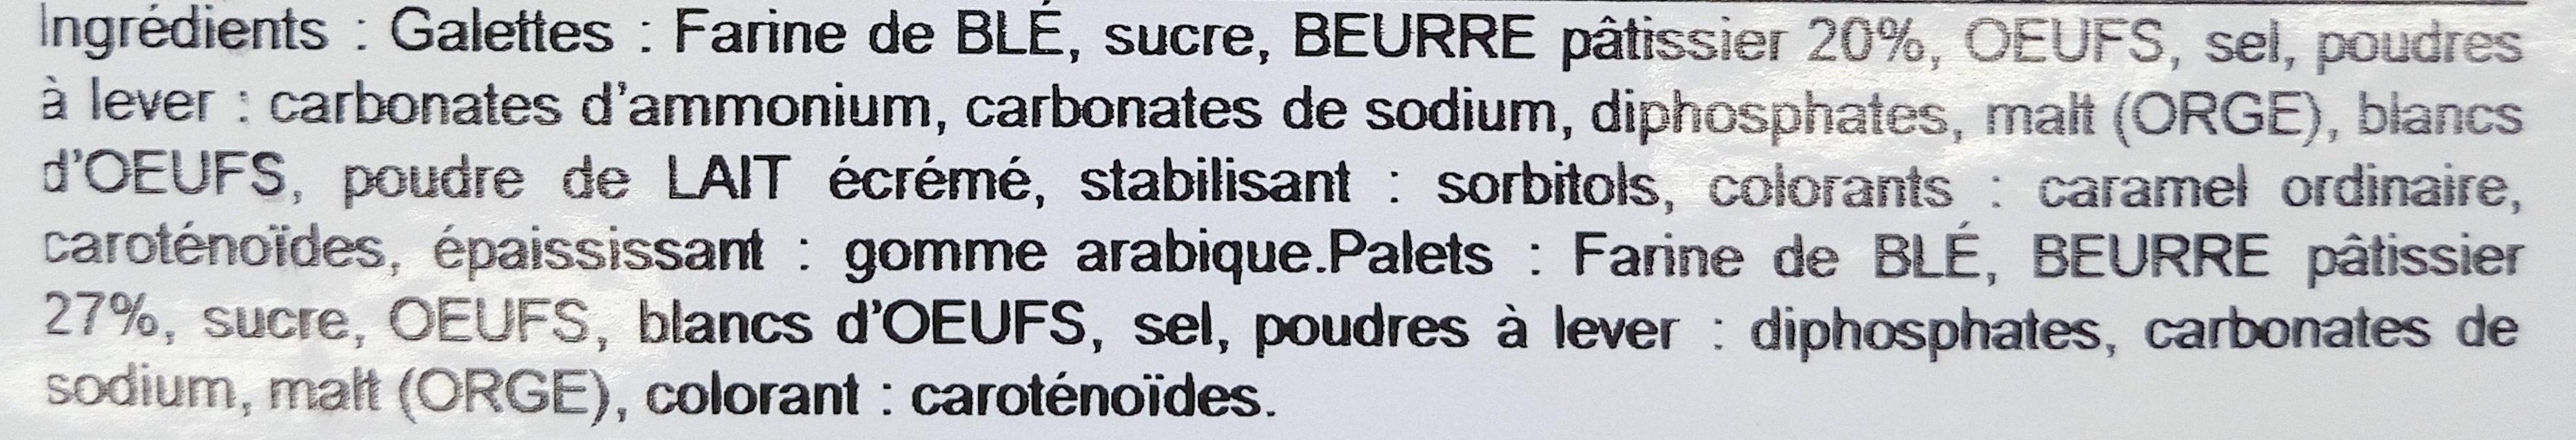 Assortiment Breton Brest Recouvrance - Ingrediënten - fr